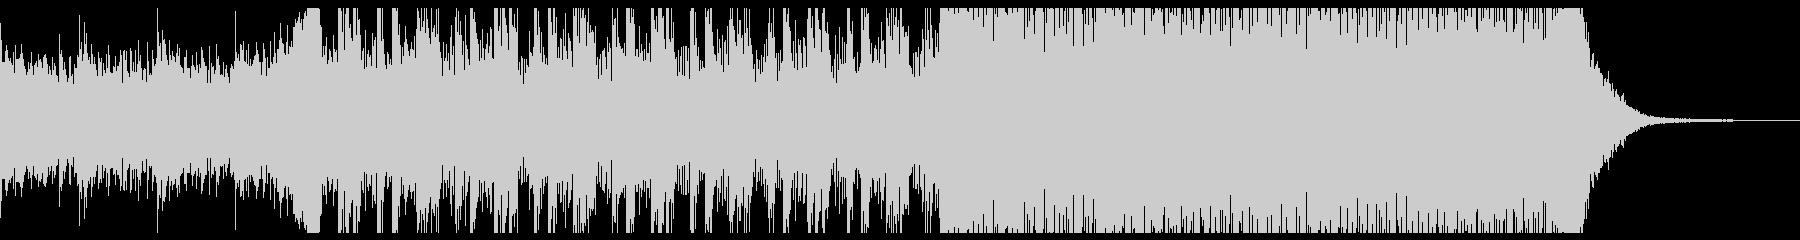 不思議な雰囲気のピアノインストの未再生の波形